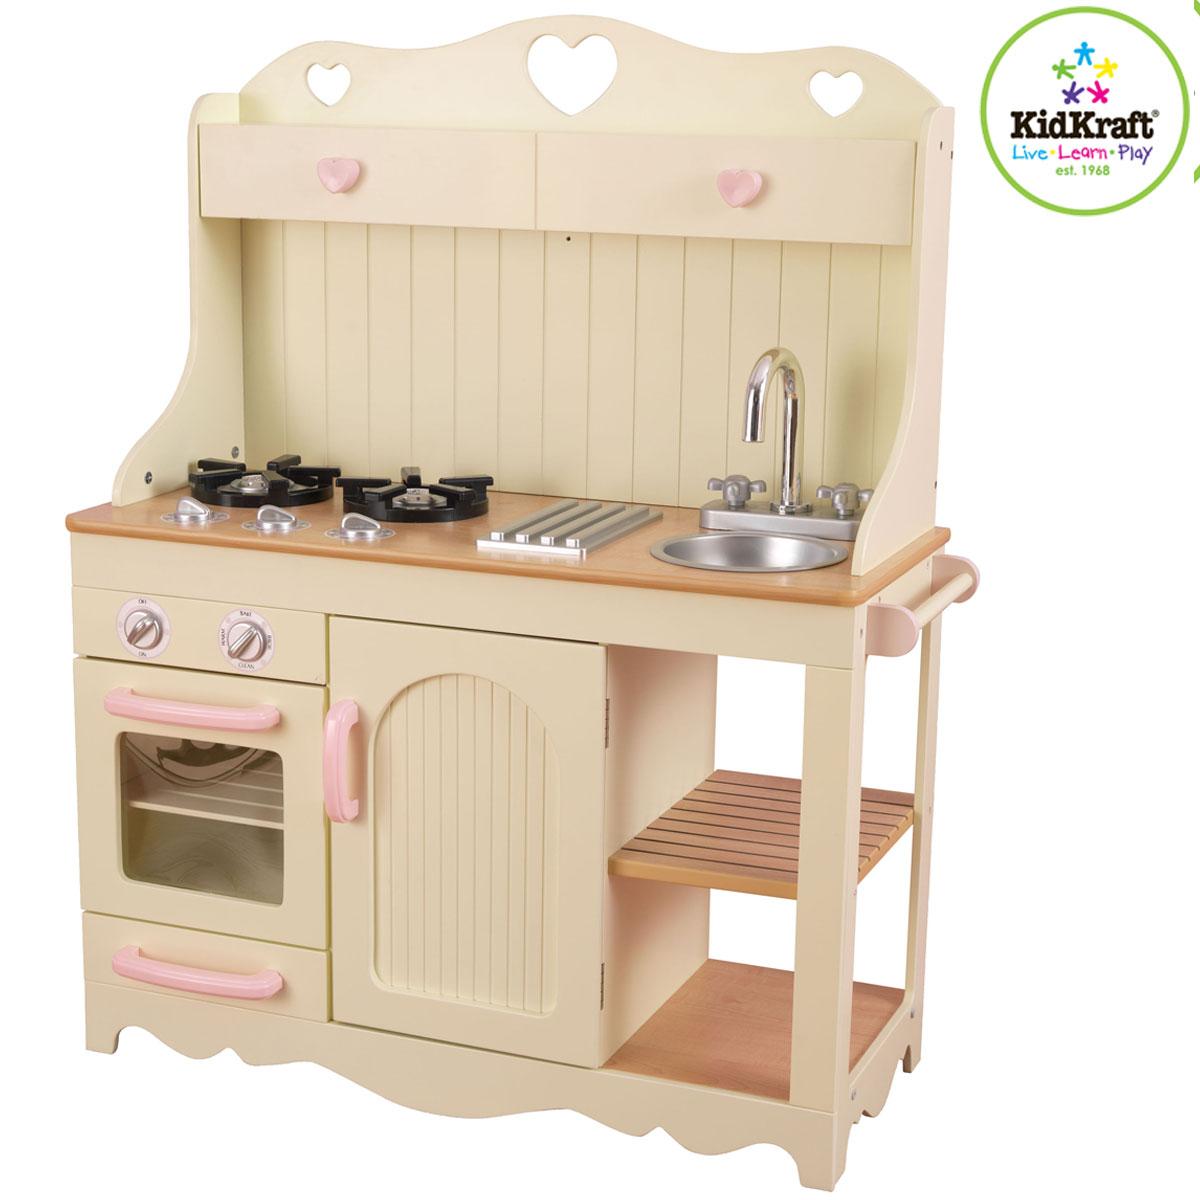 Kidkraft kinderkuche spielkuche prarie aus holz ebay for Kinderküche aus holz